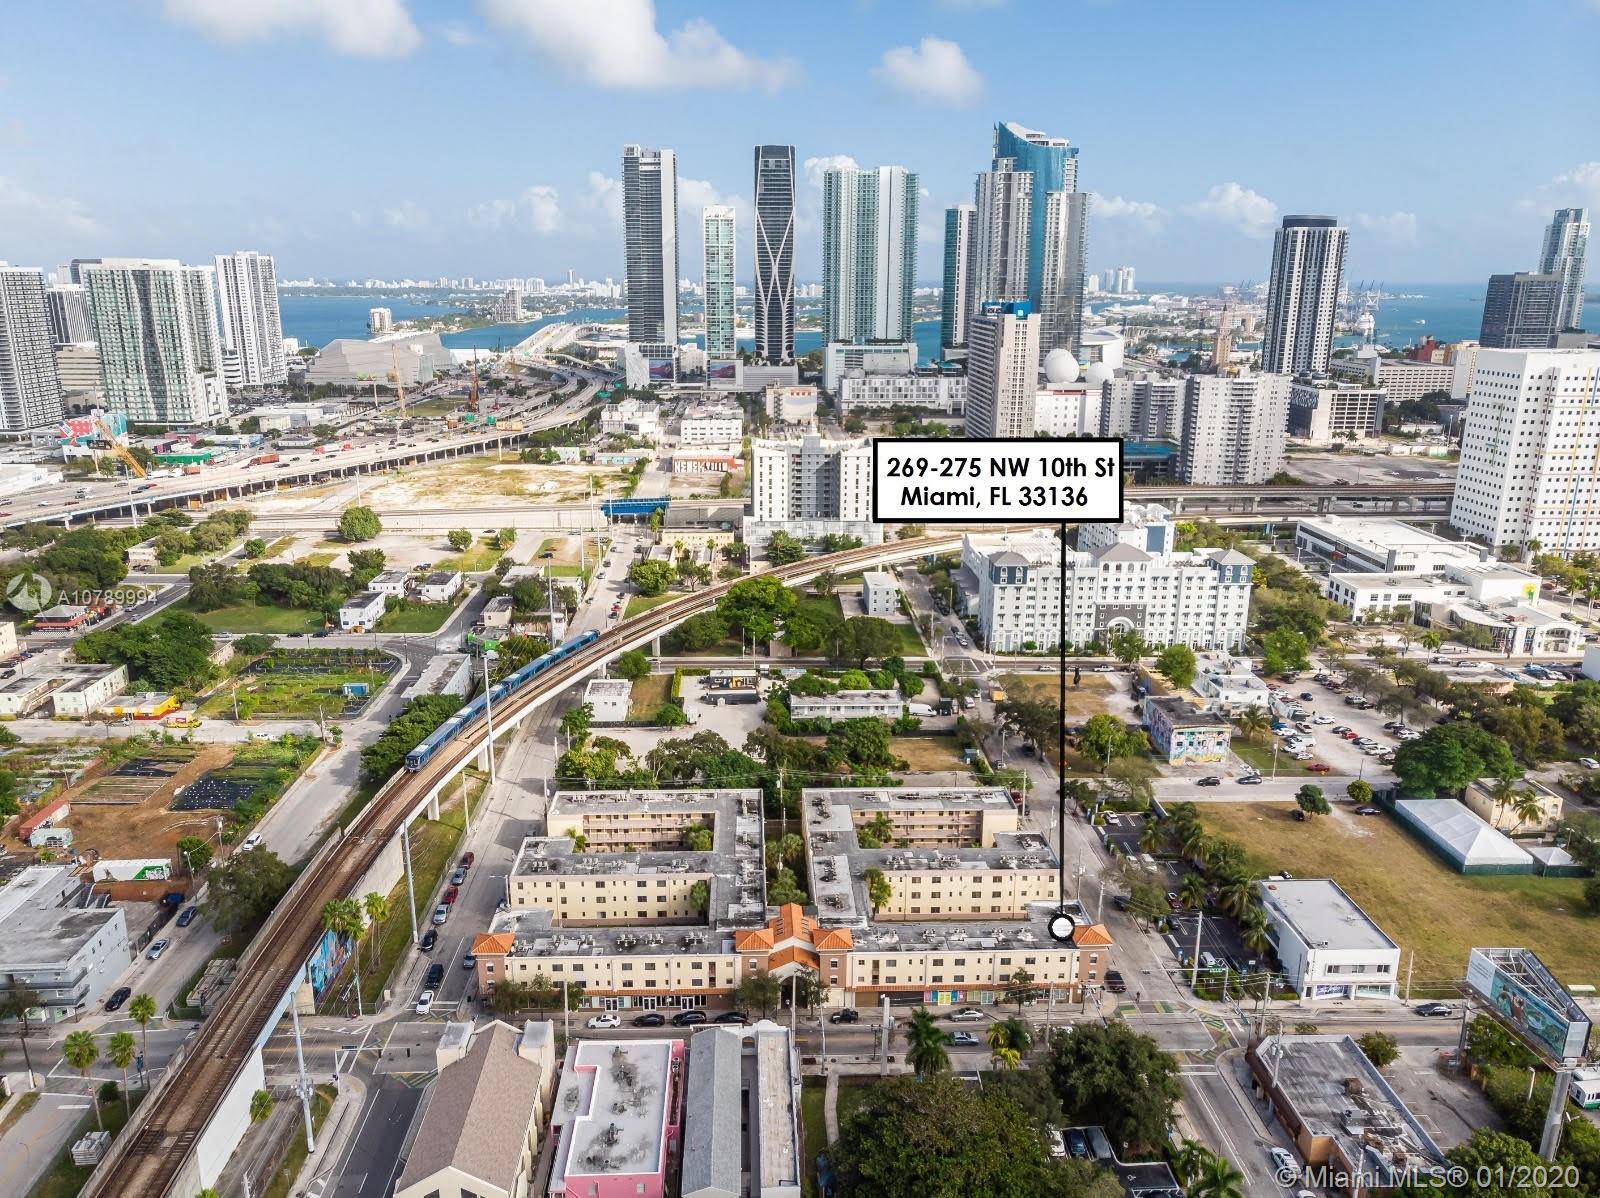 271 NW 10th St, Miami, FL 33136